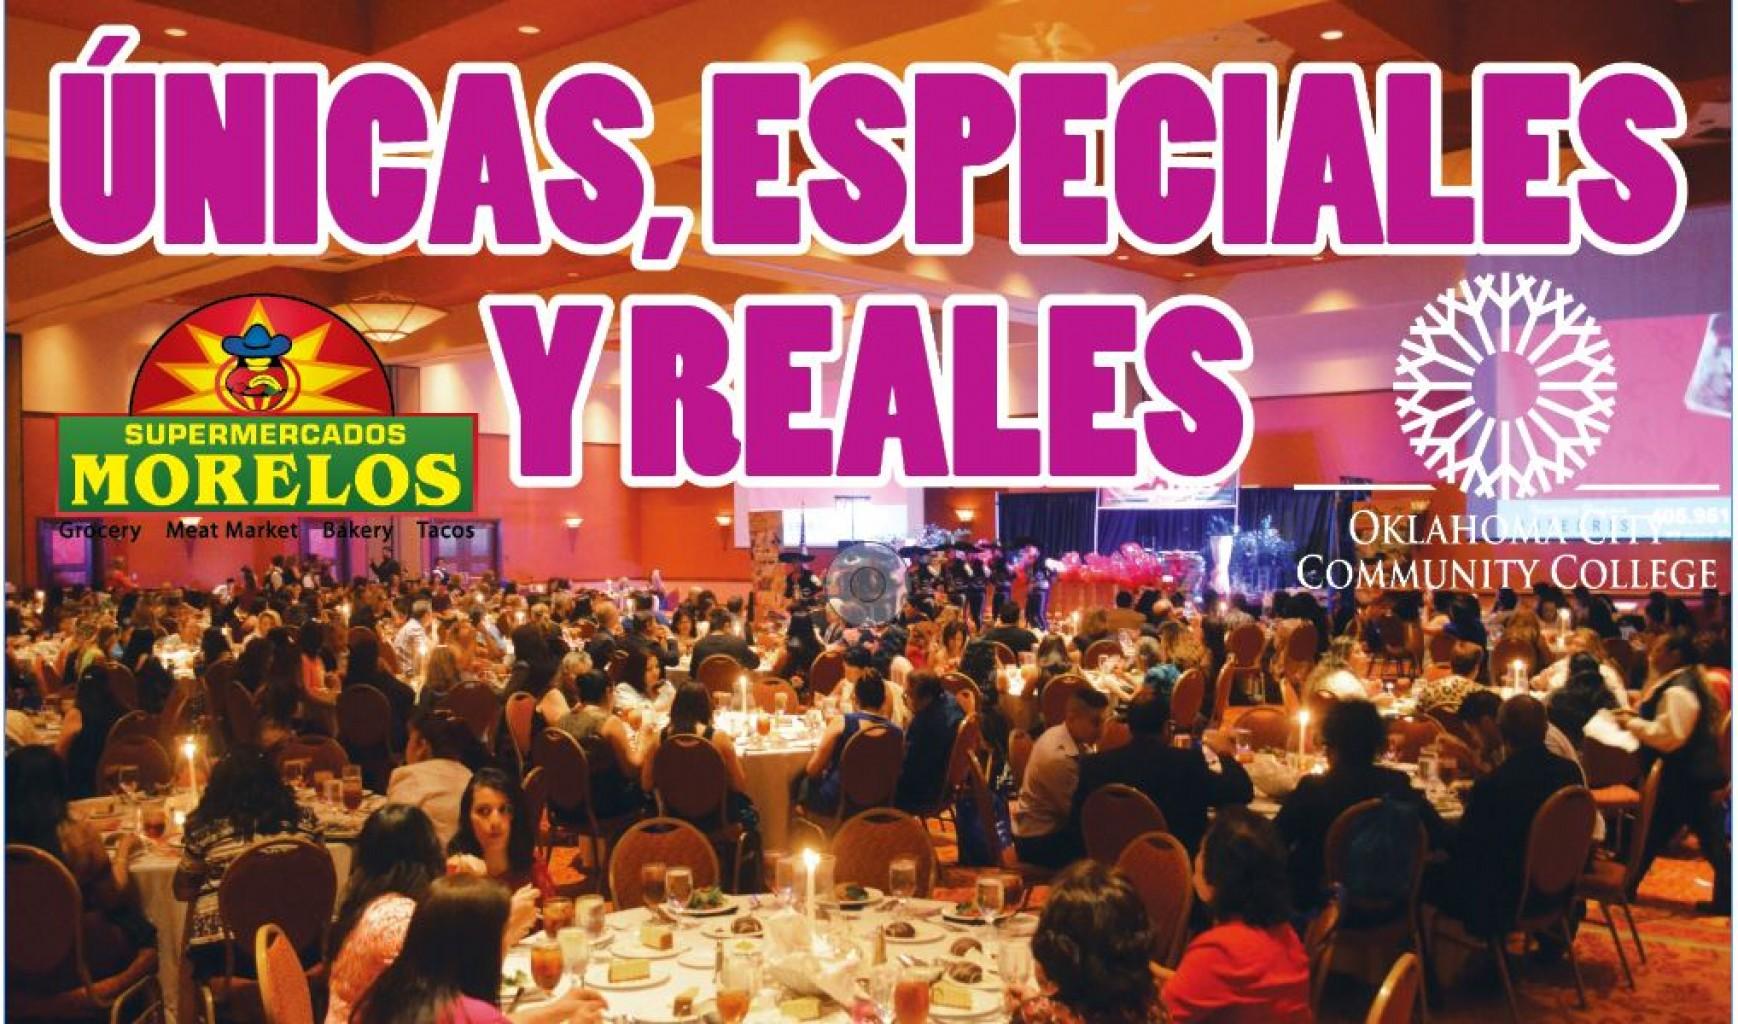 ÚNICAS, ESPECIALES  Y REALES